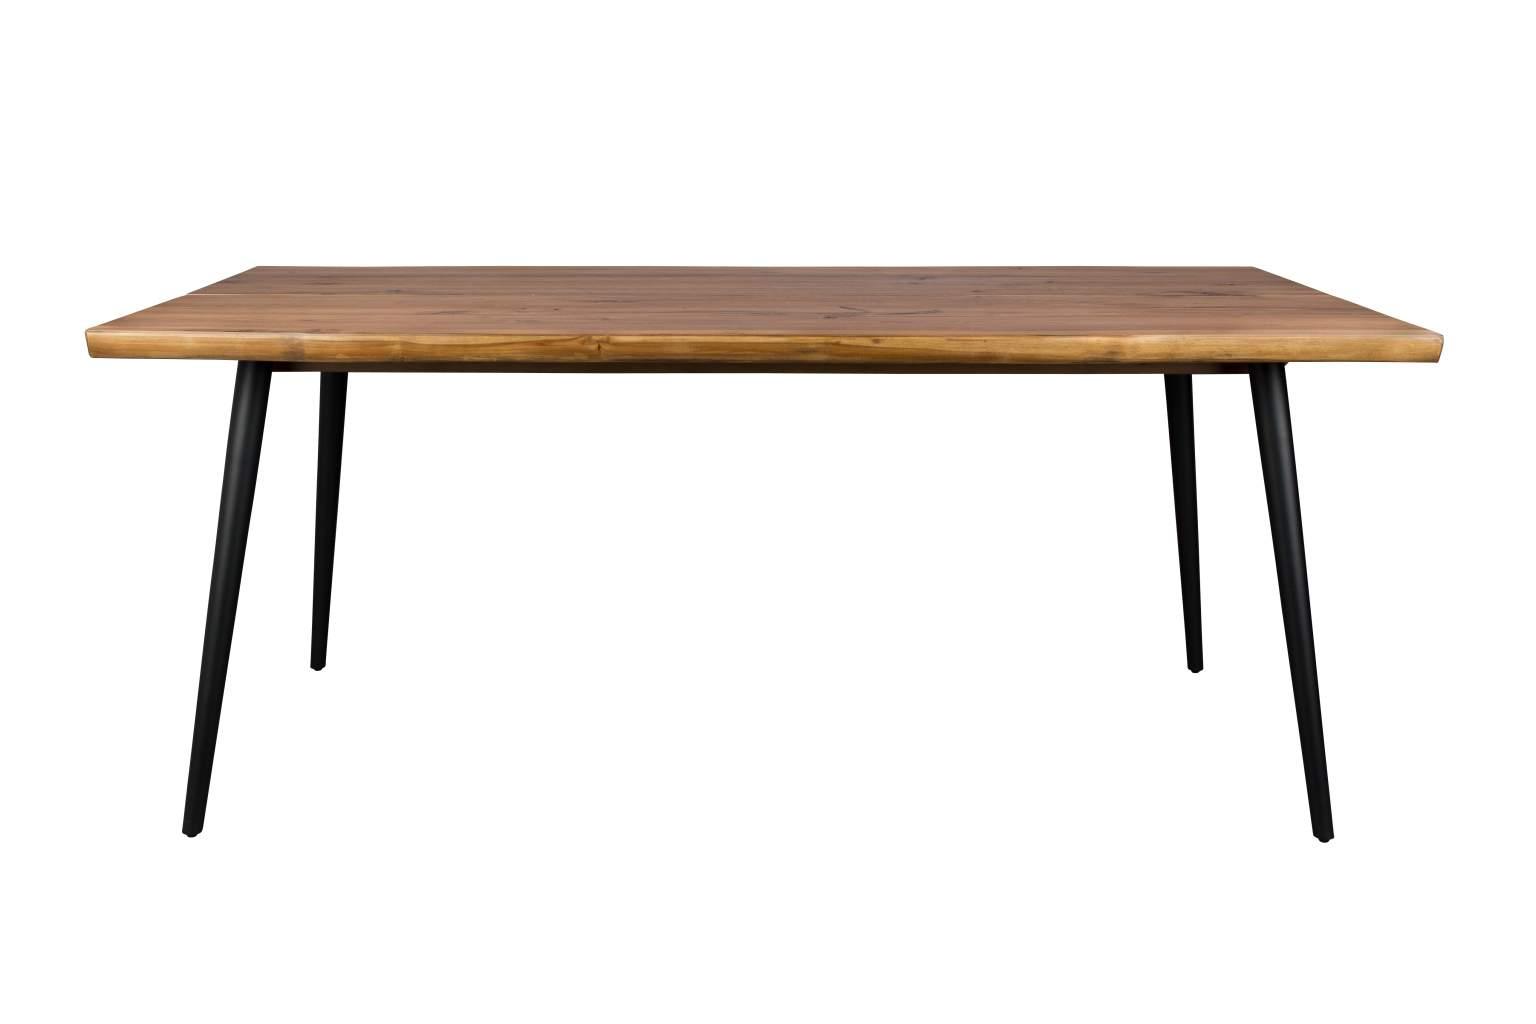 esstisch alagon walnuss mit baumkante 180 x 90 cm von. Black Bedroom Furniture Sets. Home Design Ideas